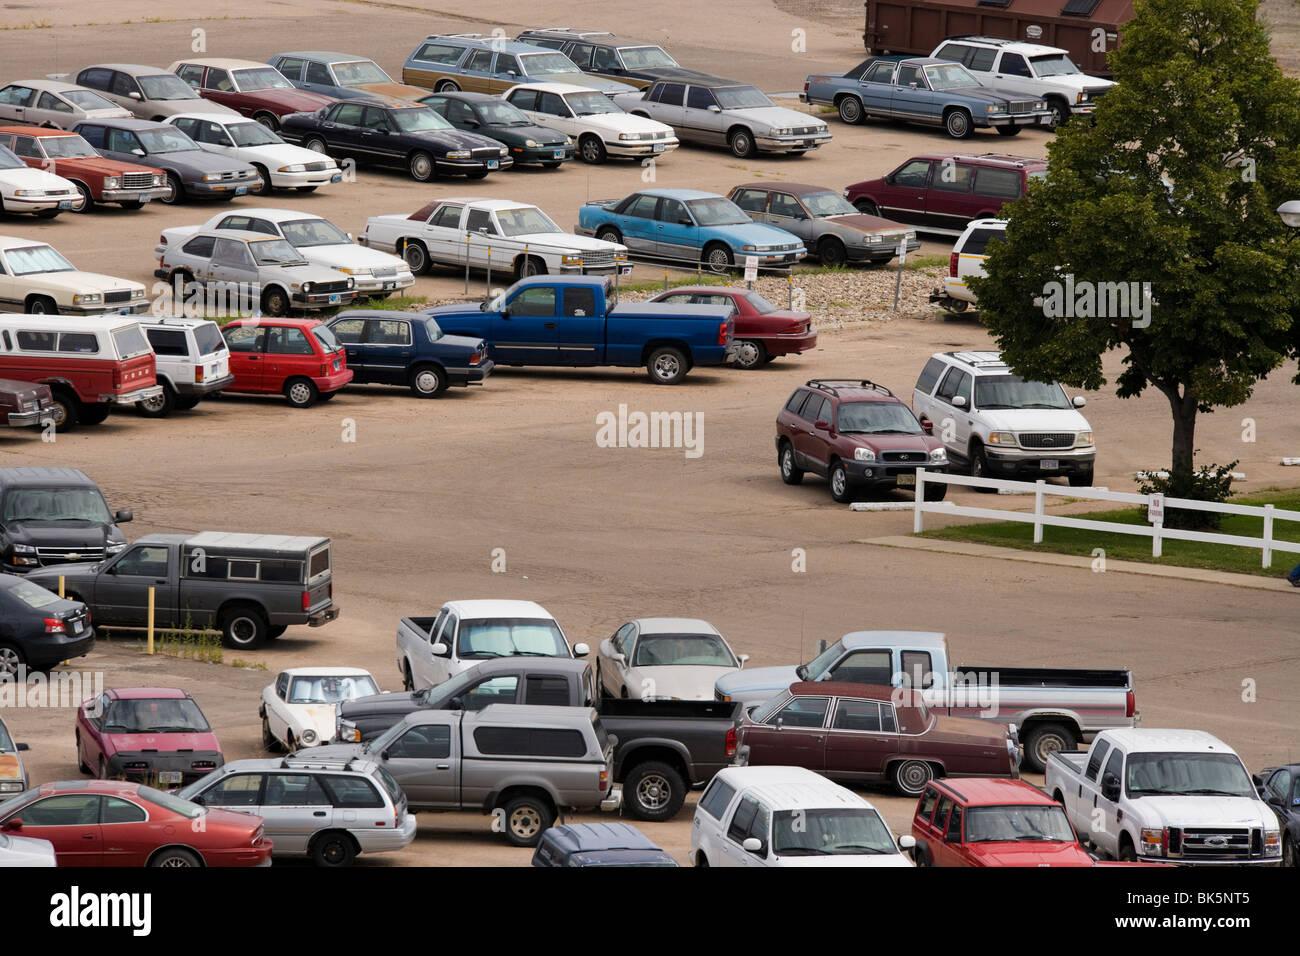 Aparcamiento fuera de la fábrica. Mayormente los coches más antiguos, no muy bien mantenidos. Nebraska, Imagen De Stock